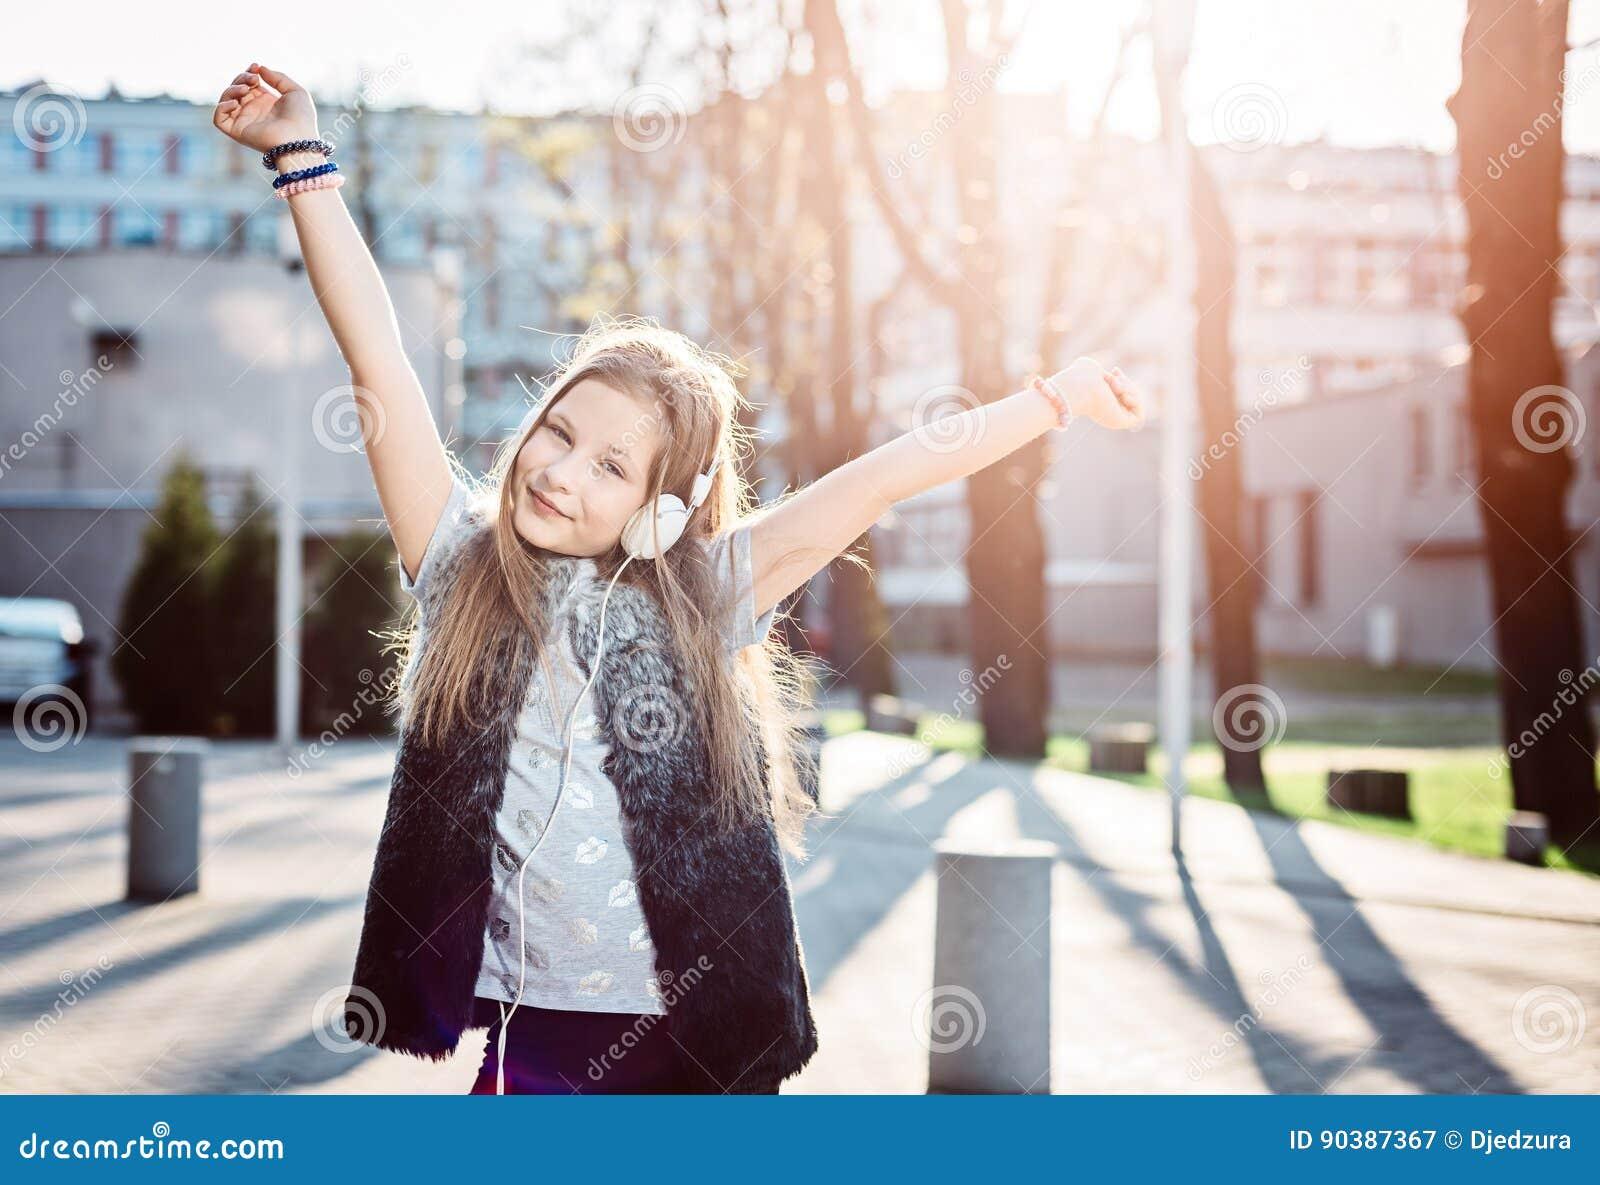 10 χρονών το ευτυχές παιδί κοριτσιών ακούει τη μουσική